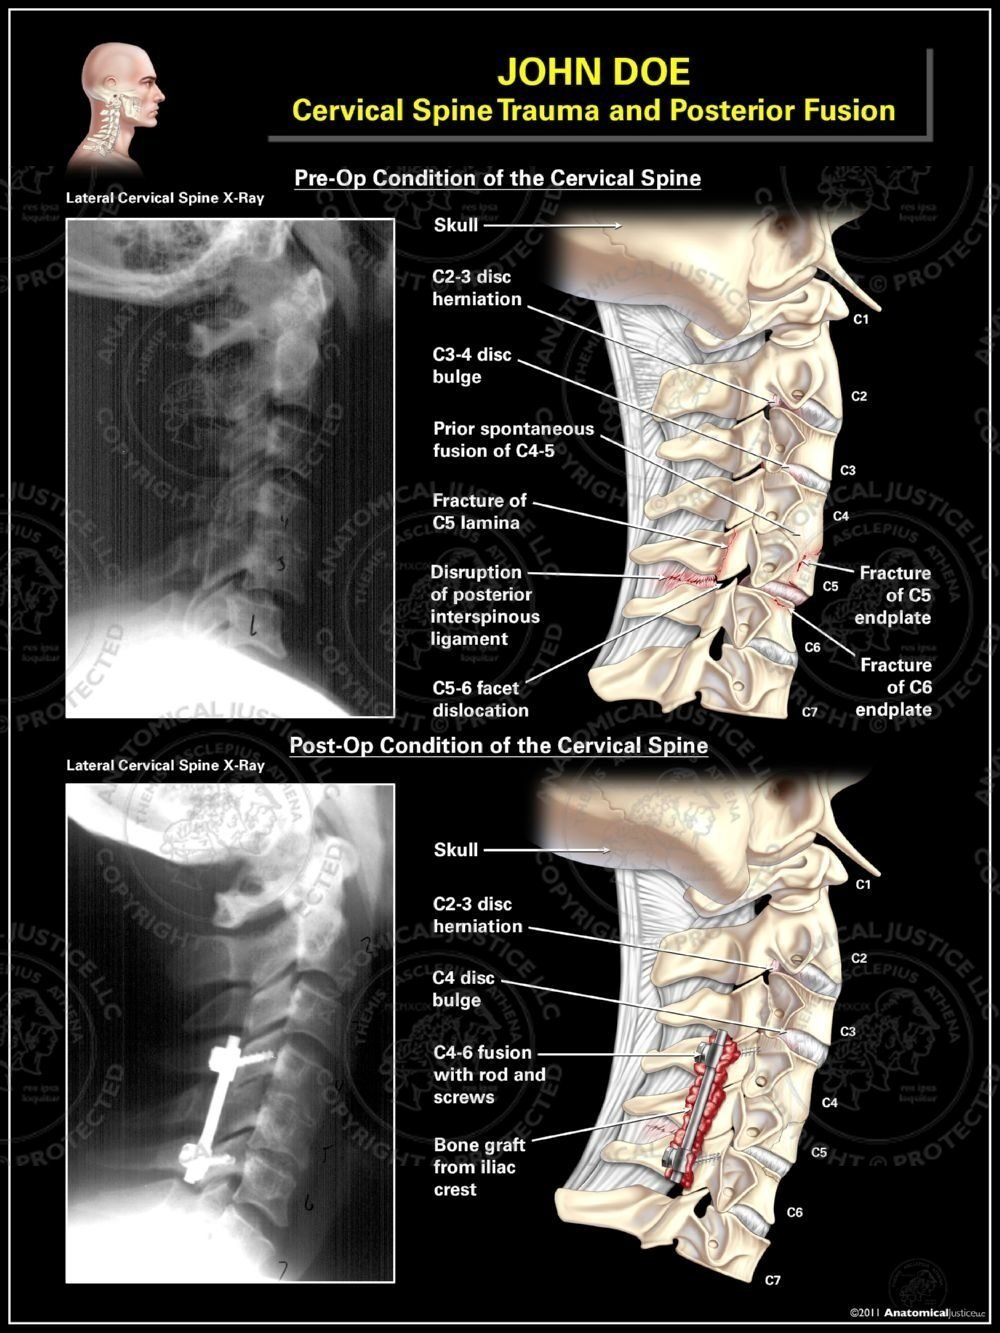 fusion vertebrae c2 c3